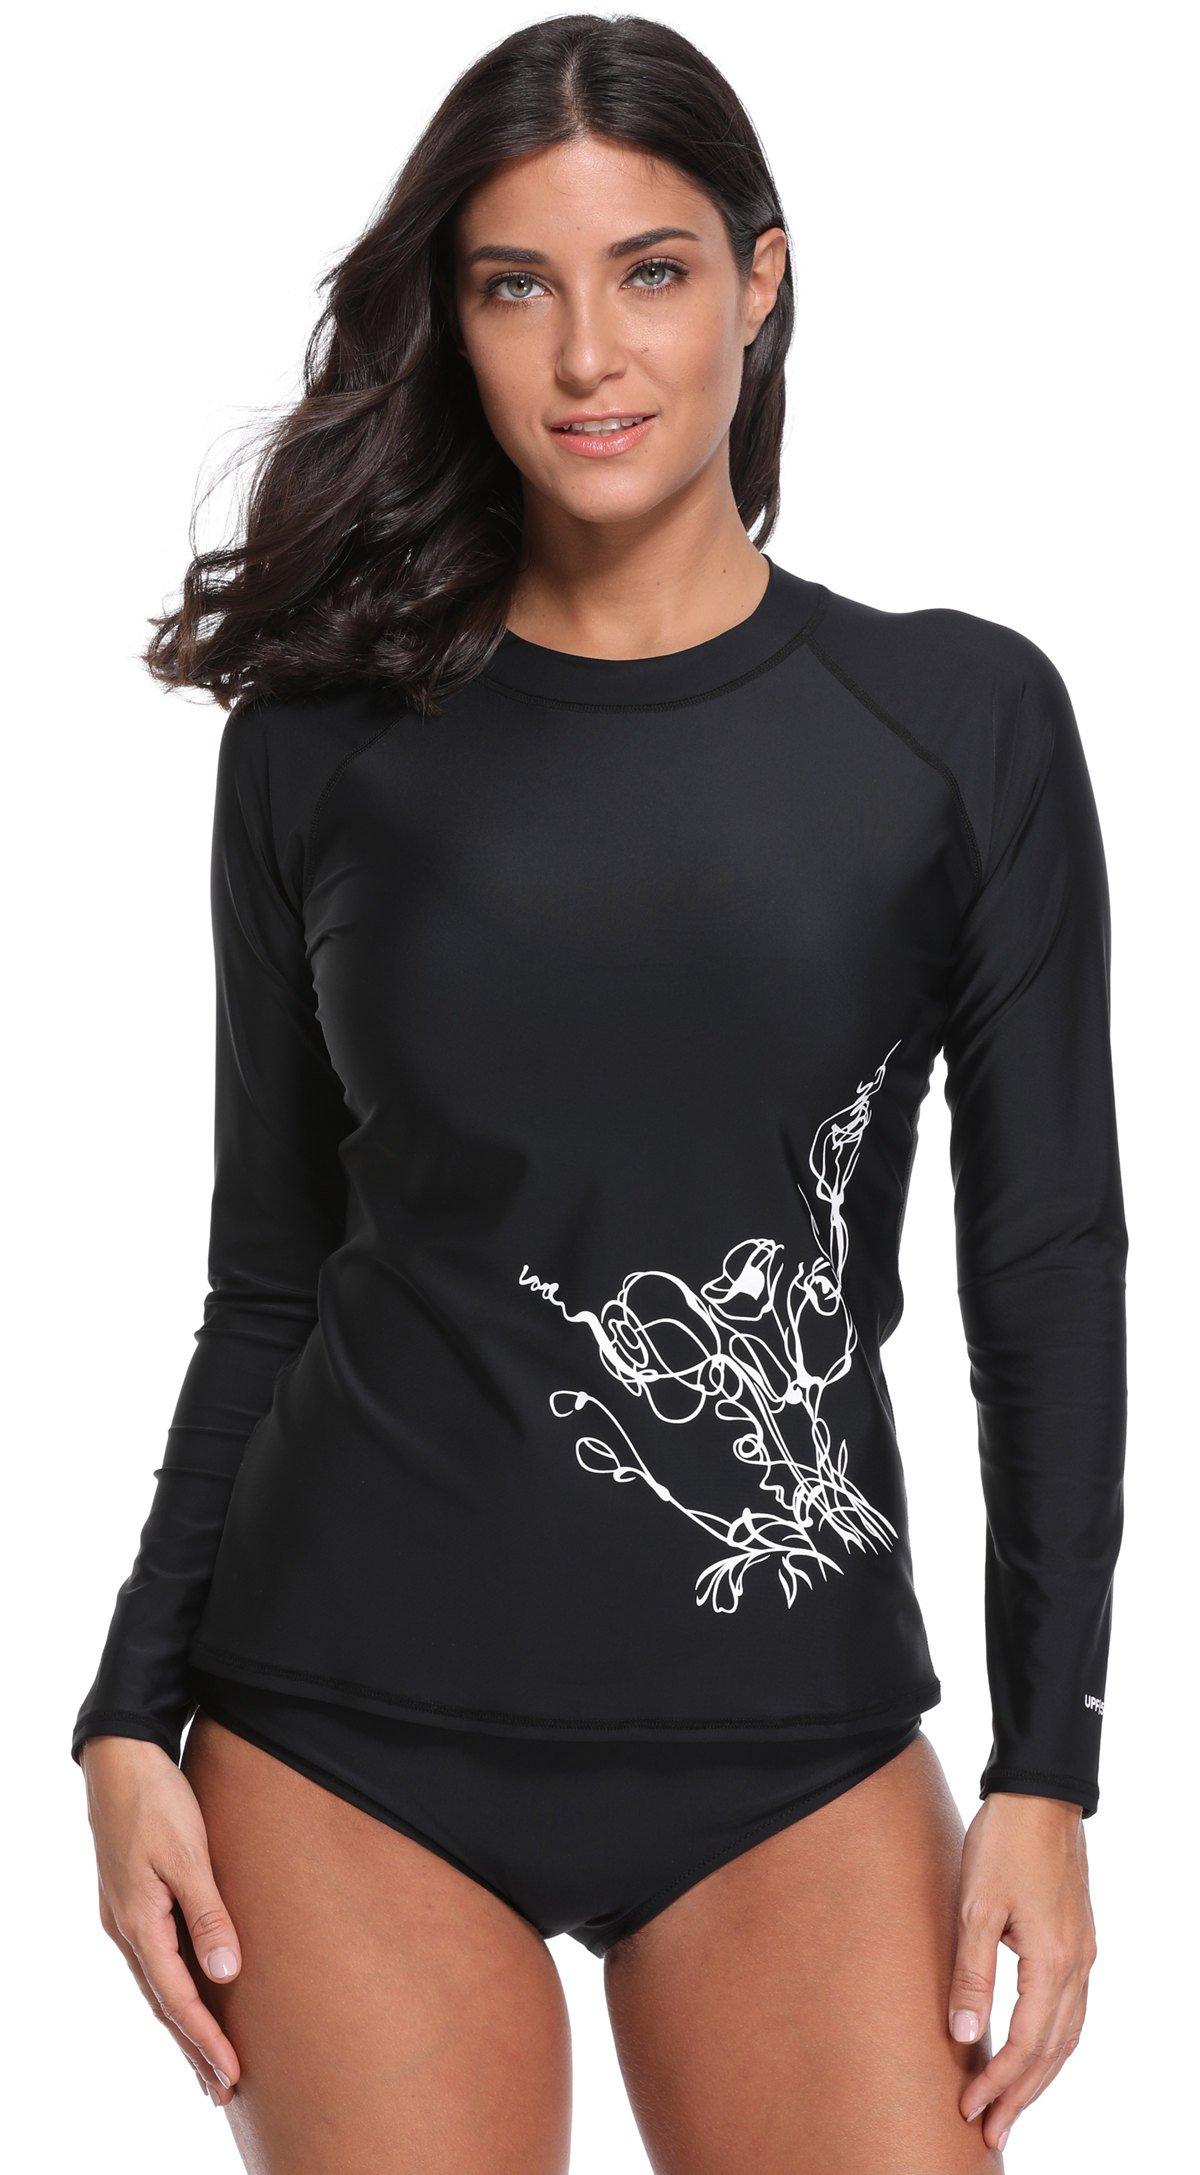 beautyin Women's Long-Sleeve Rashguard Shirt UPF 50+ Rash Guard Swimsuit Top